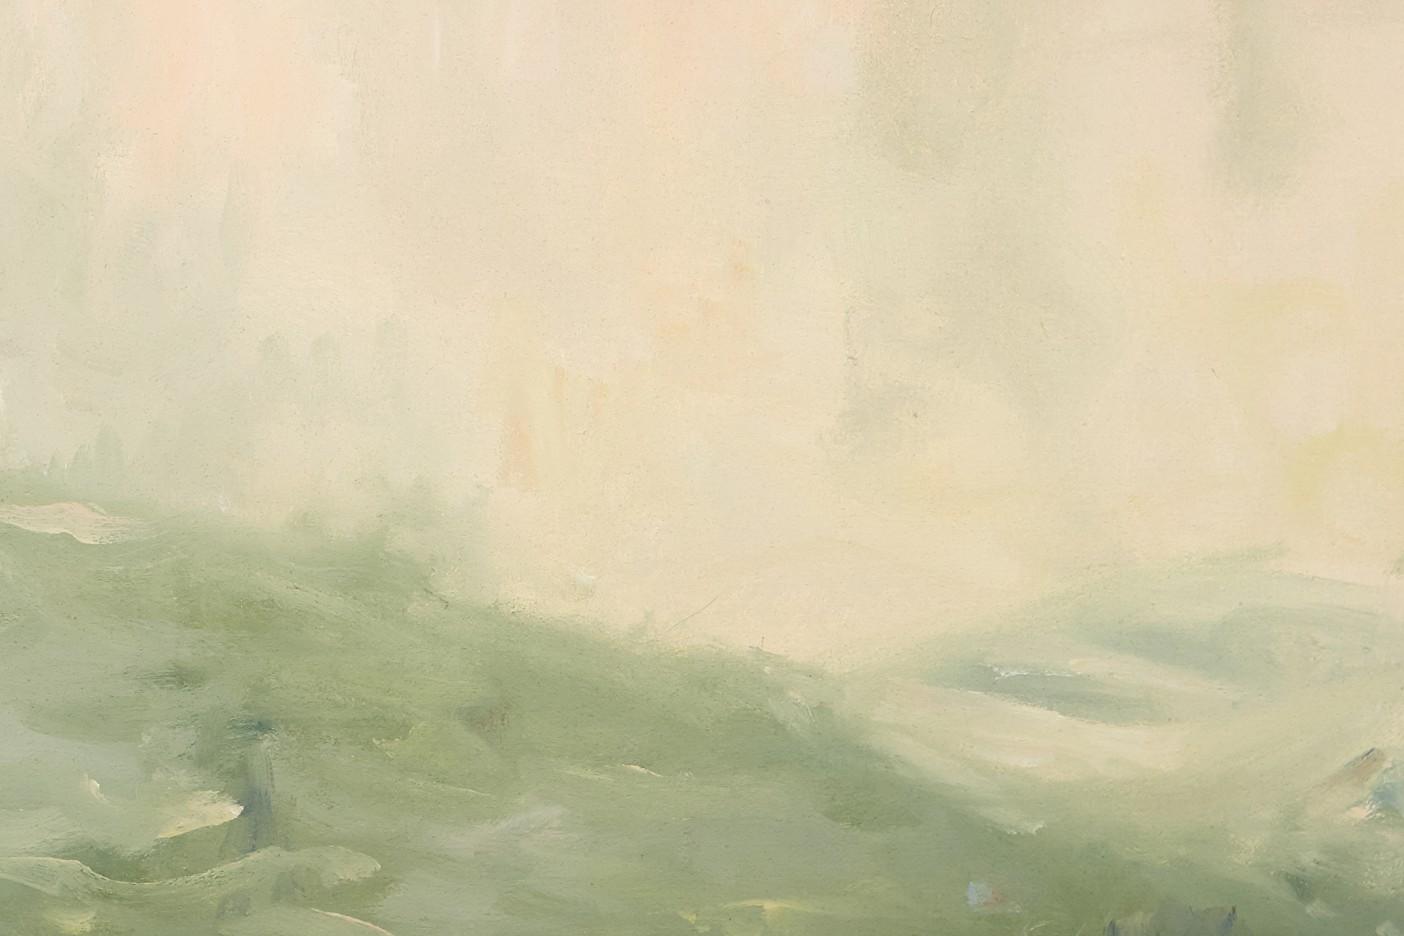 ohne Titel (Landschaft)